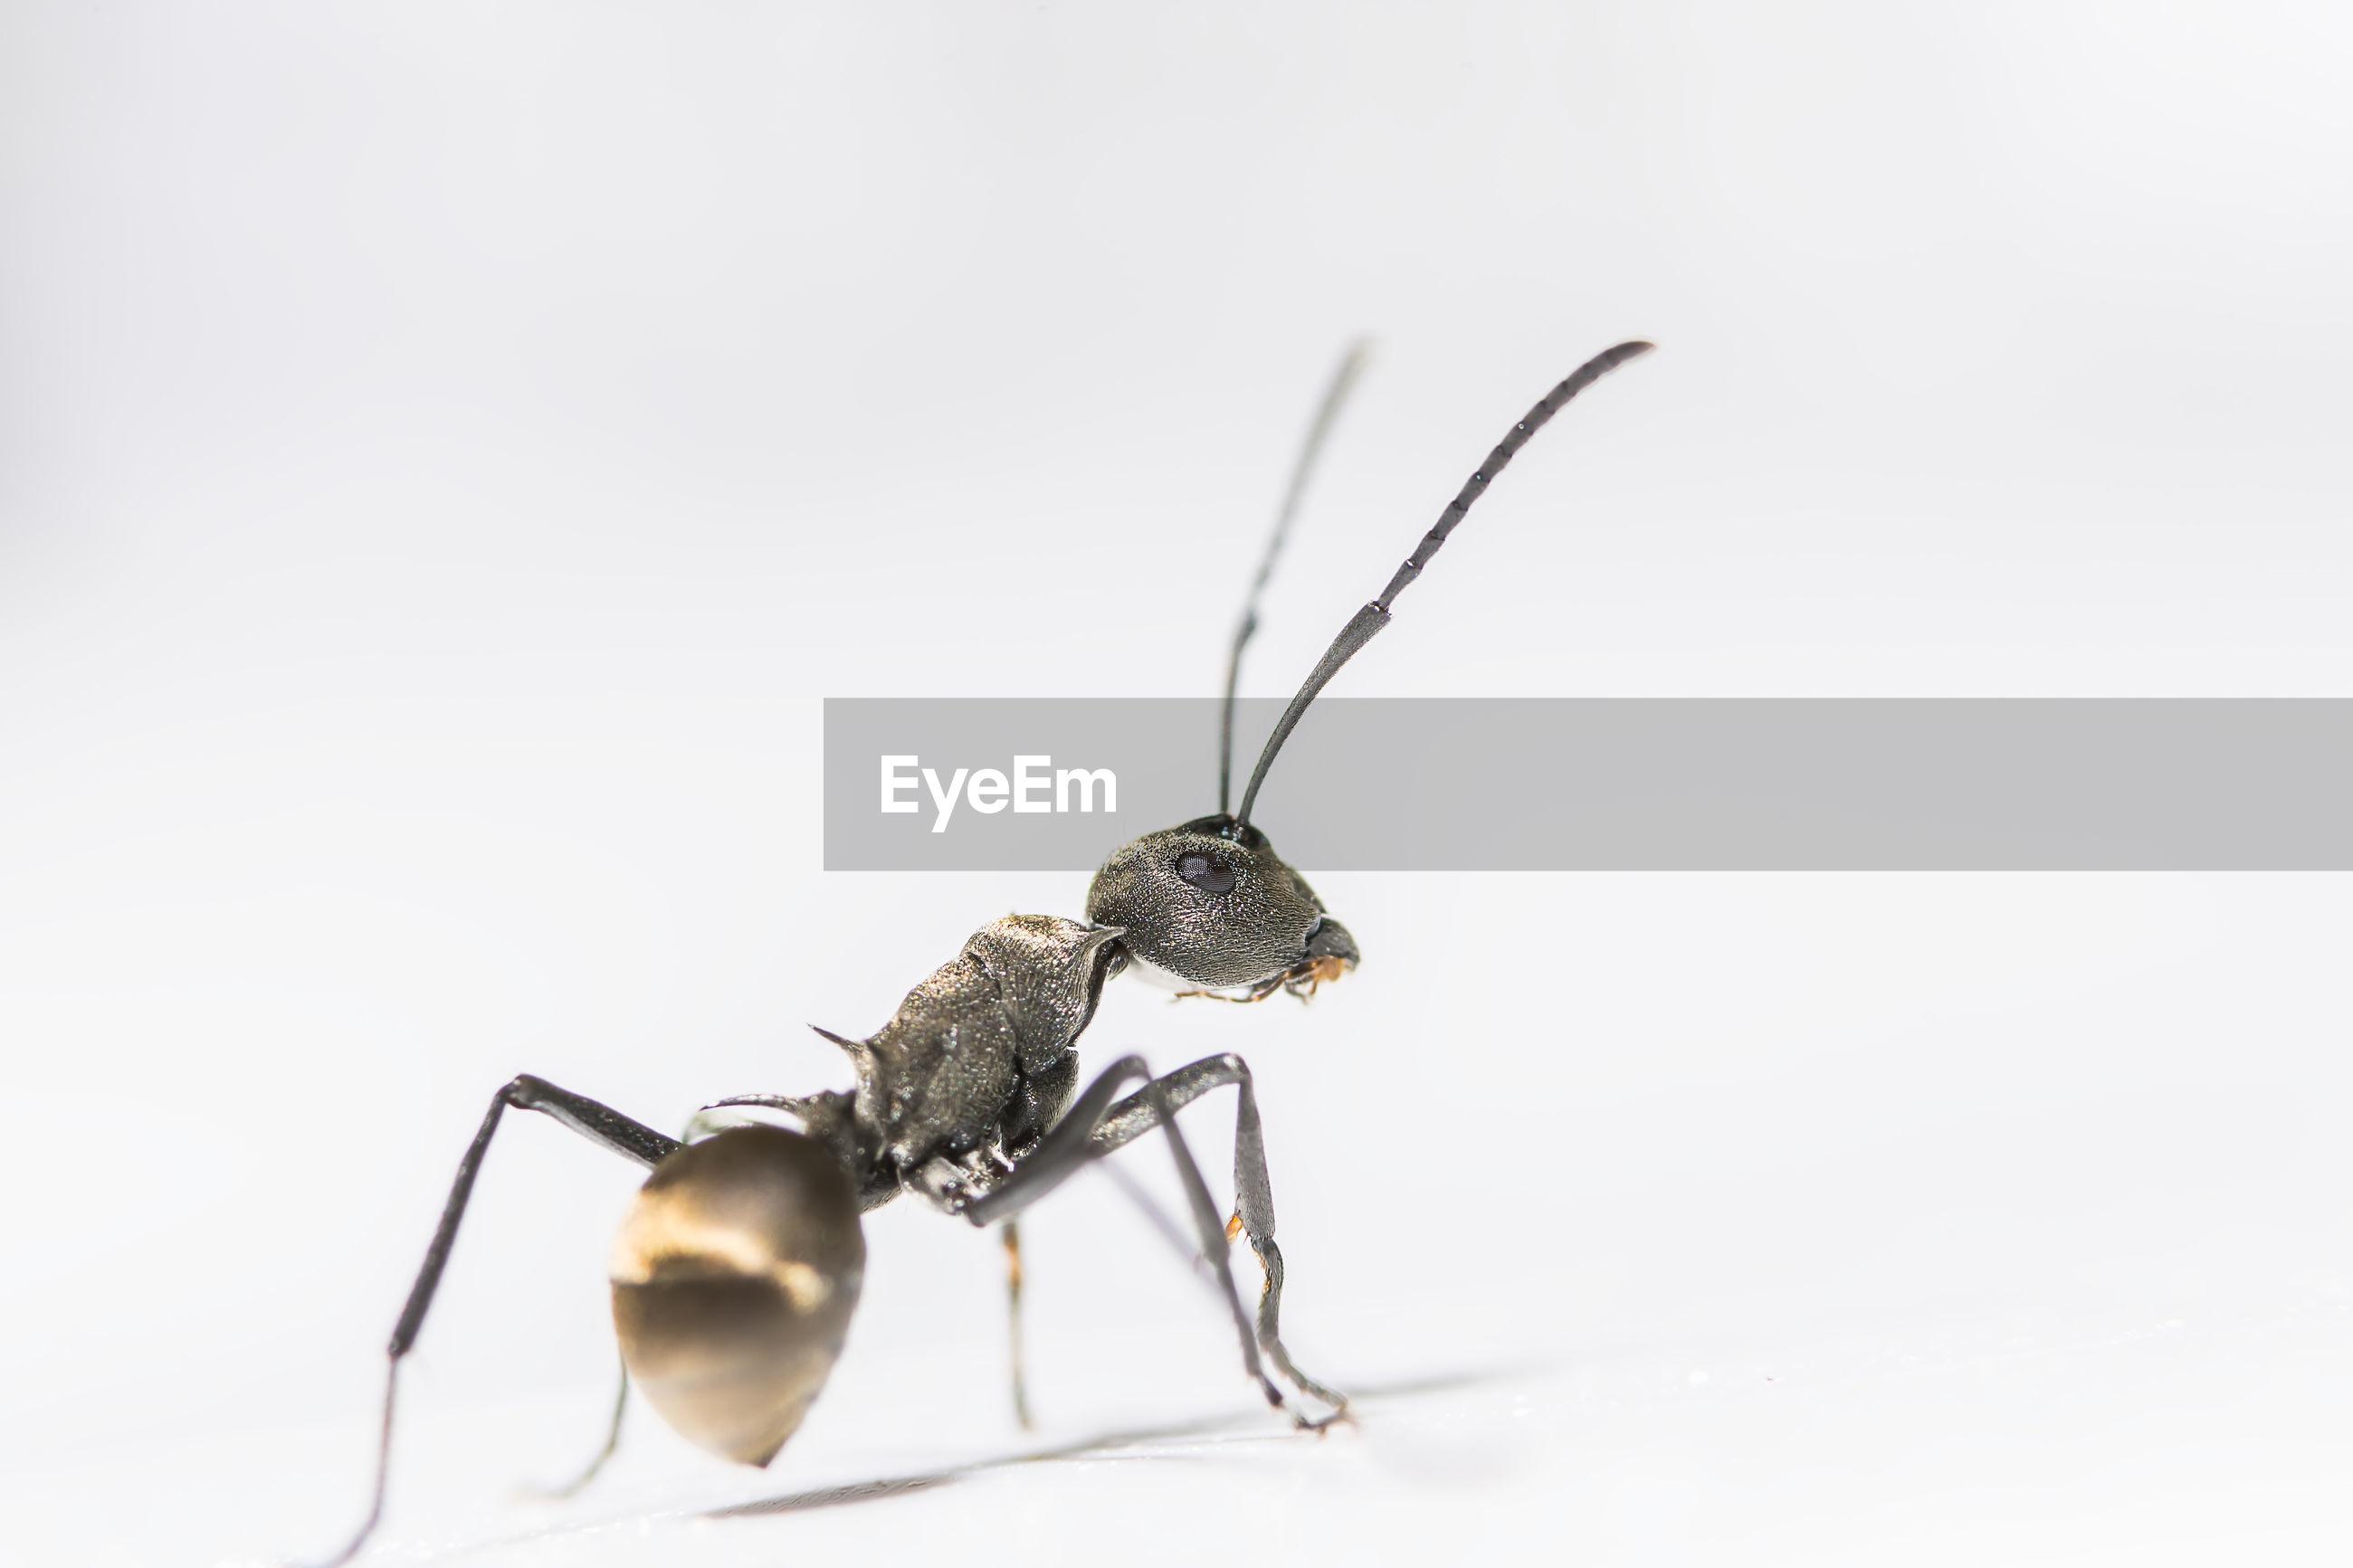 Macro shot of ant on white background